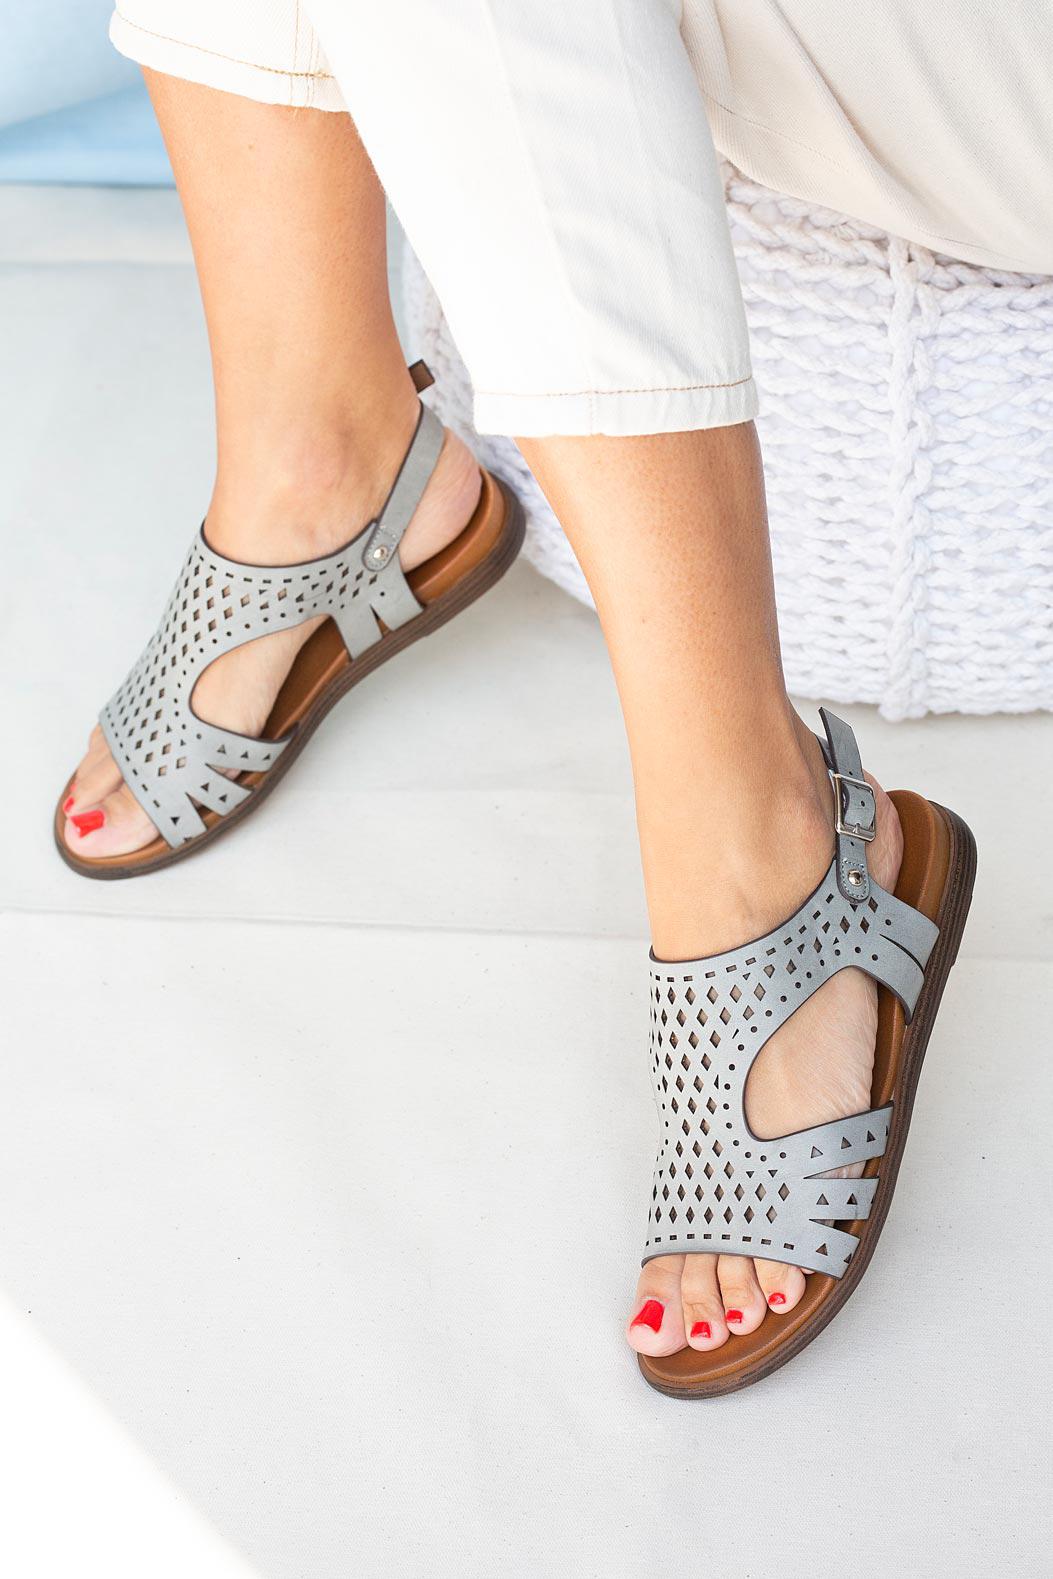 Szare sandały płaskie ażurowe Casu K20X1/G sezon Lato